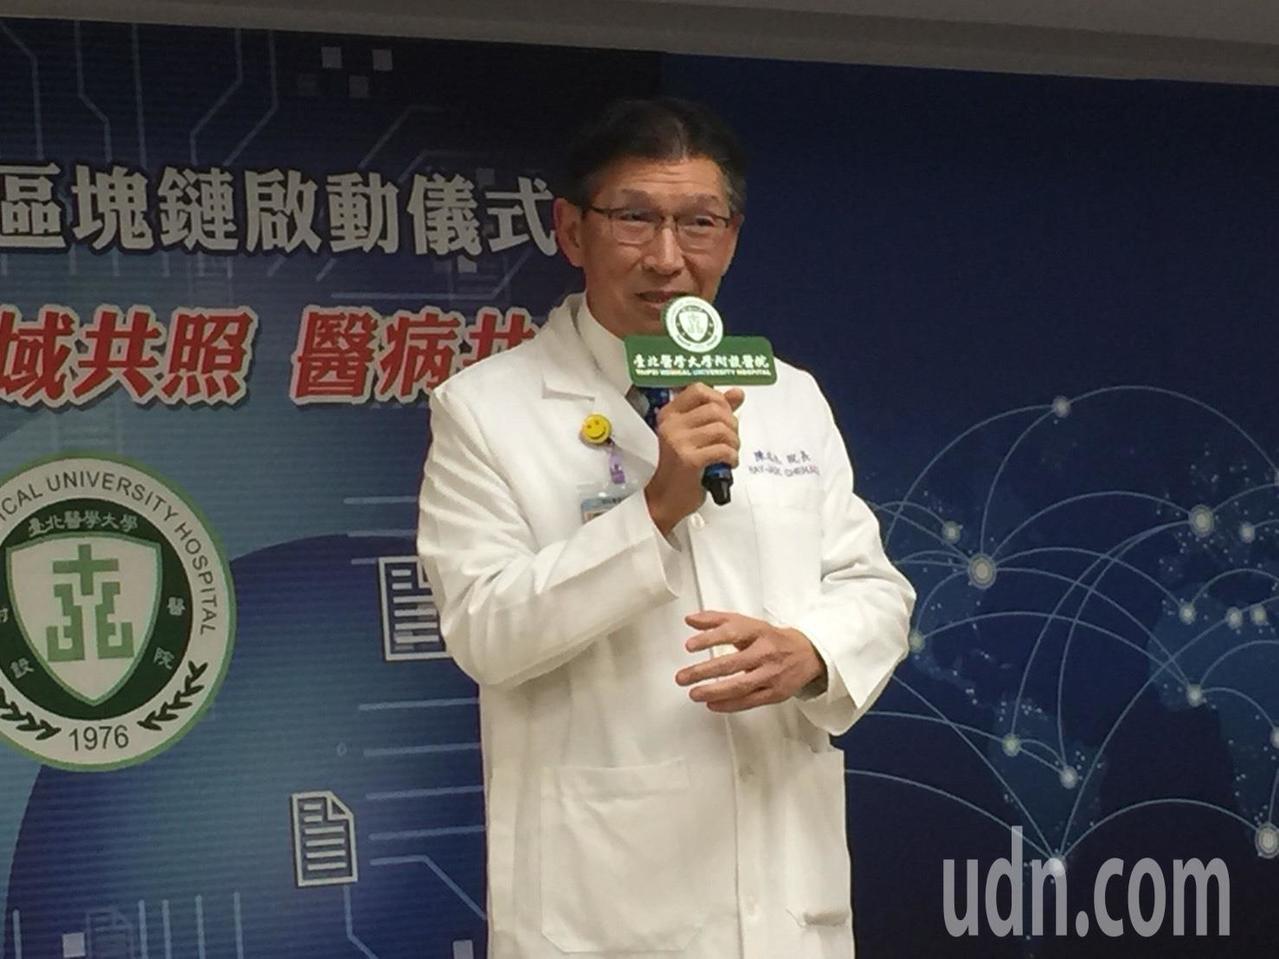 台北醫學大學附設醫院院長陳瑞杰說,區塊鏈是運用分散式帳本技術、加密演算法,加強資...